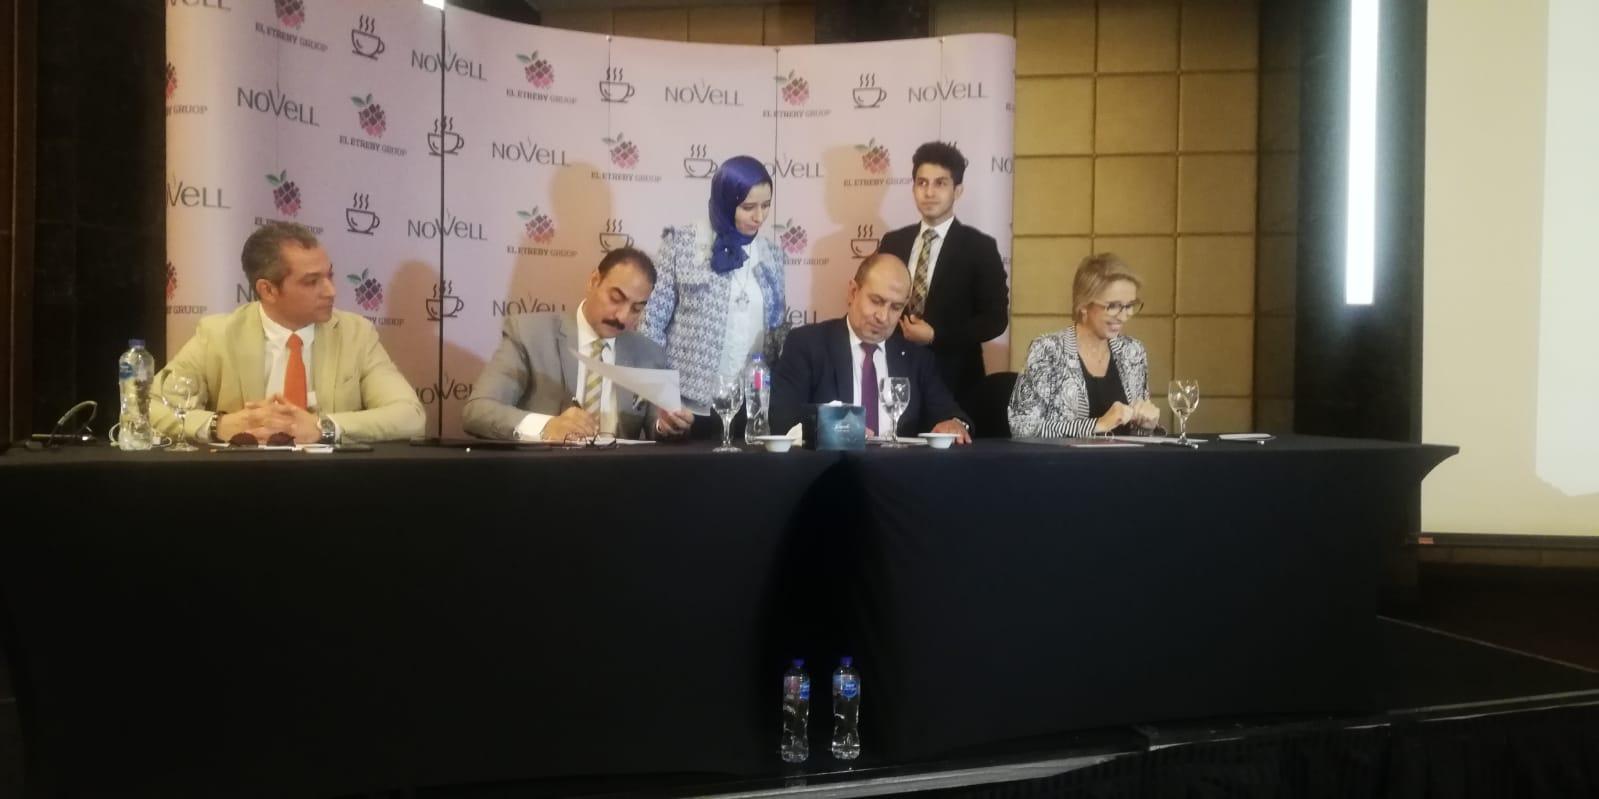 بداية للاستيراد والتصدير توقع عقد شراكة مع شركة نوفيل لتوزيع منتجات القهوة الإسبانية في مصر